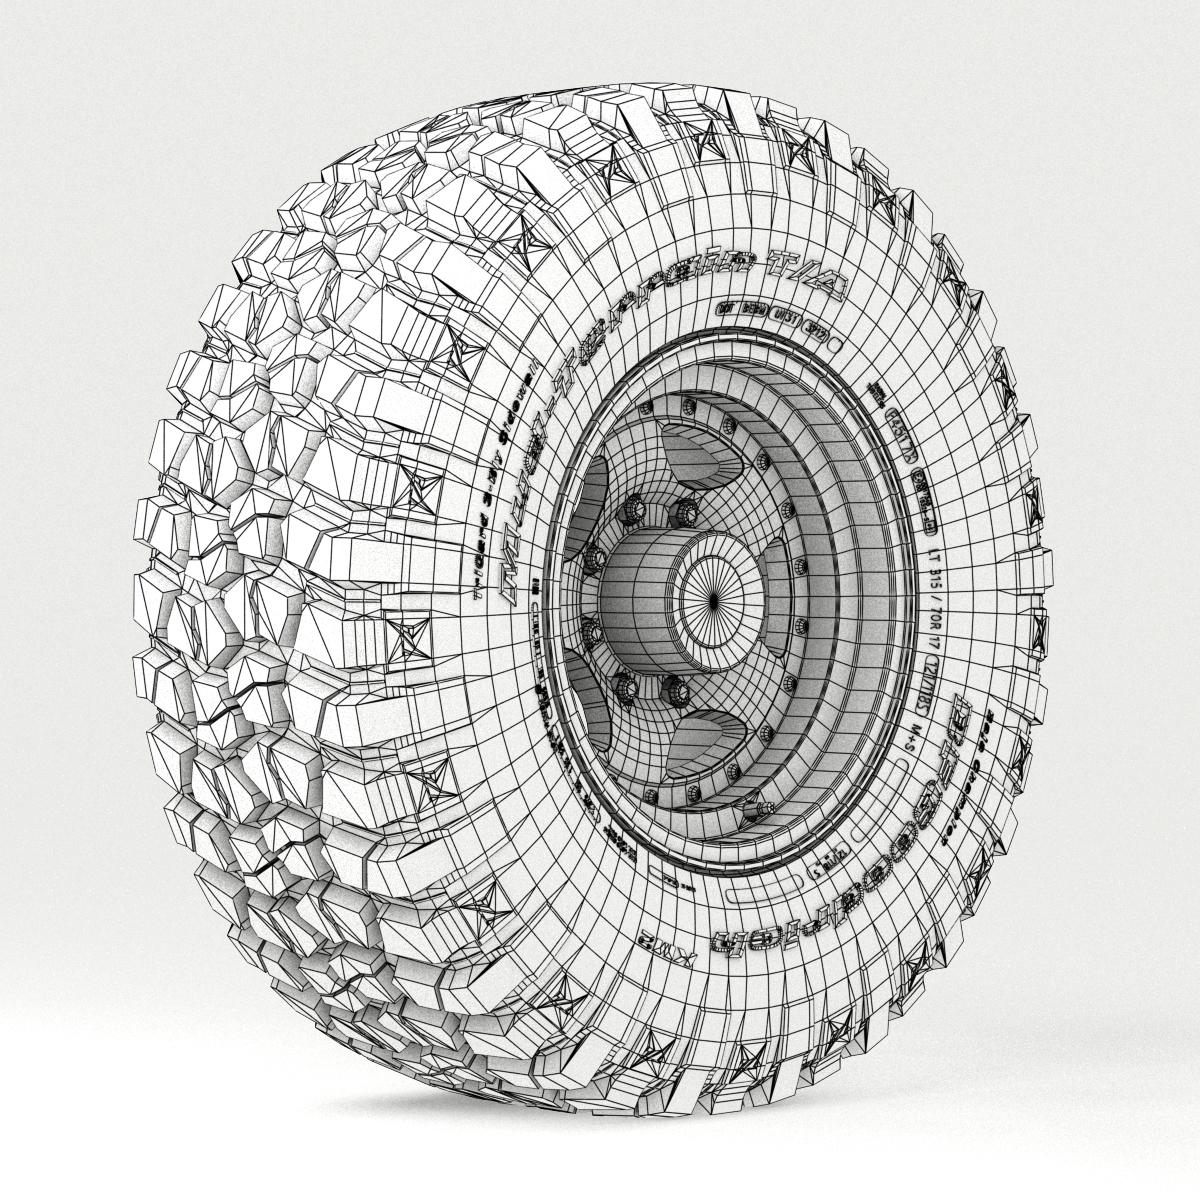 off road wheel and tire 3 3d model 3ds max fbx tga targa icb vda vst pix obj 224451